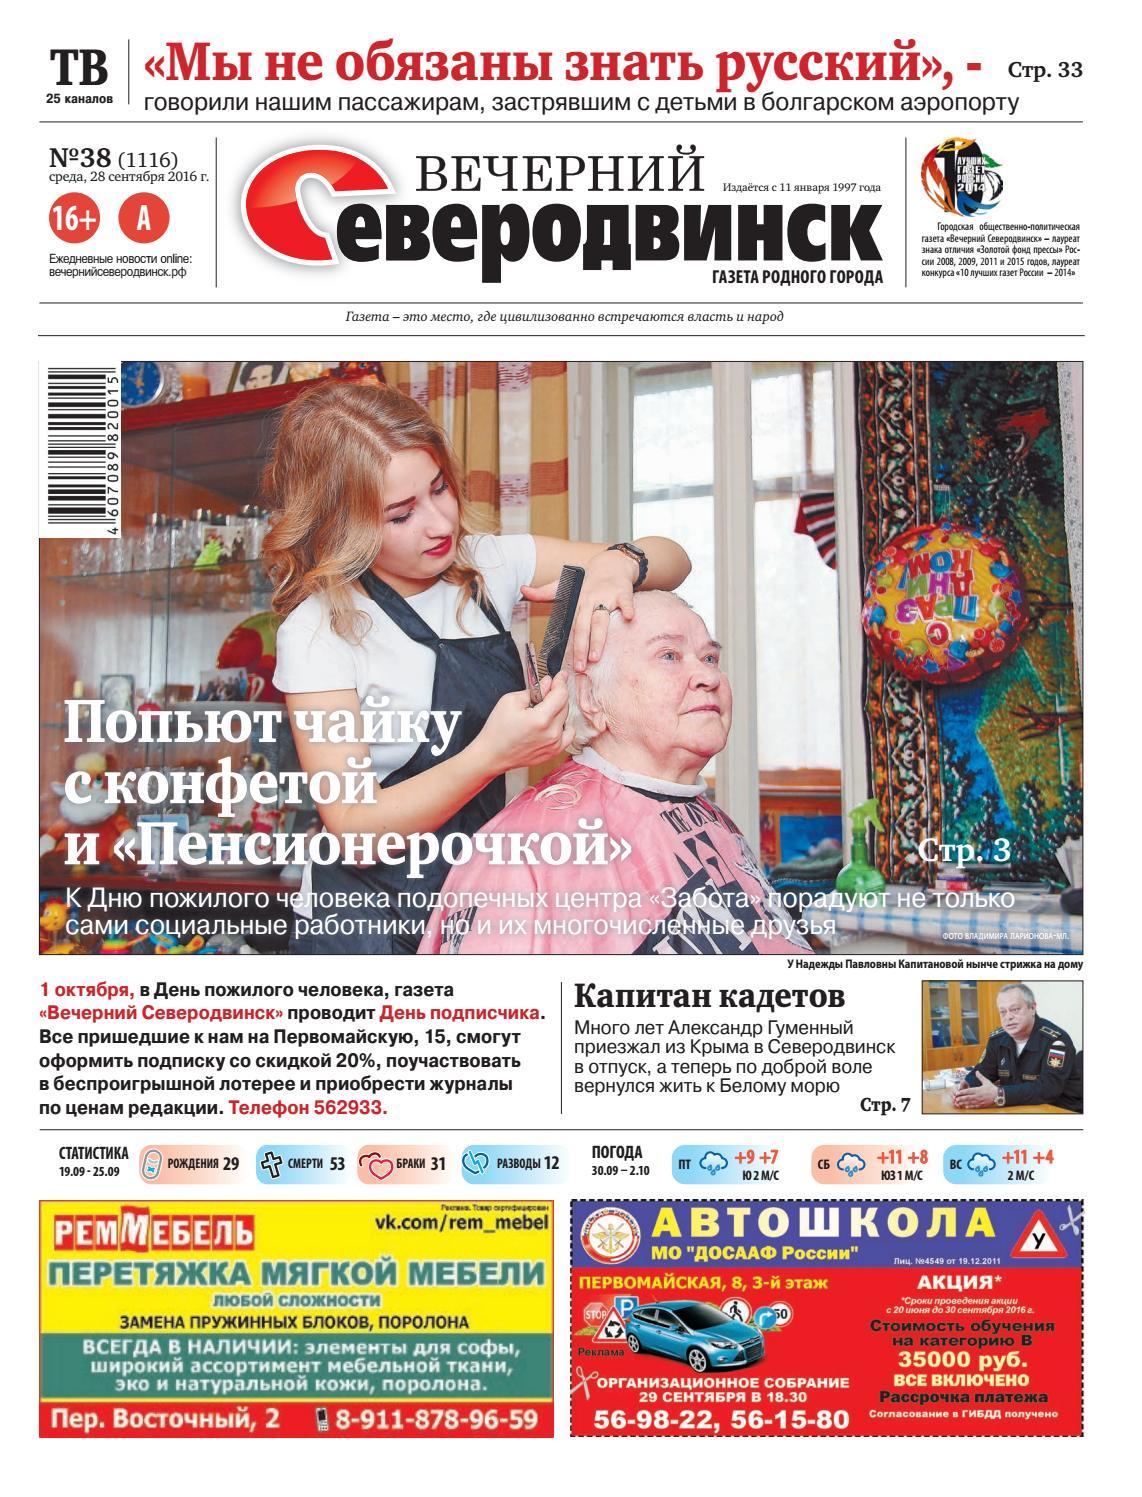 Администрация северодвинска гипертензия акция всероссийская всемирный день борьбы с гипертонией